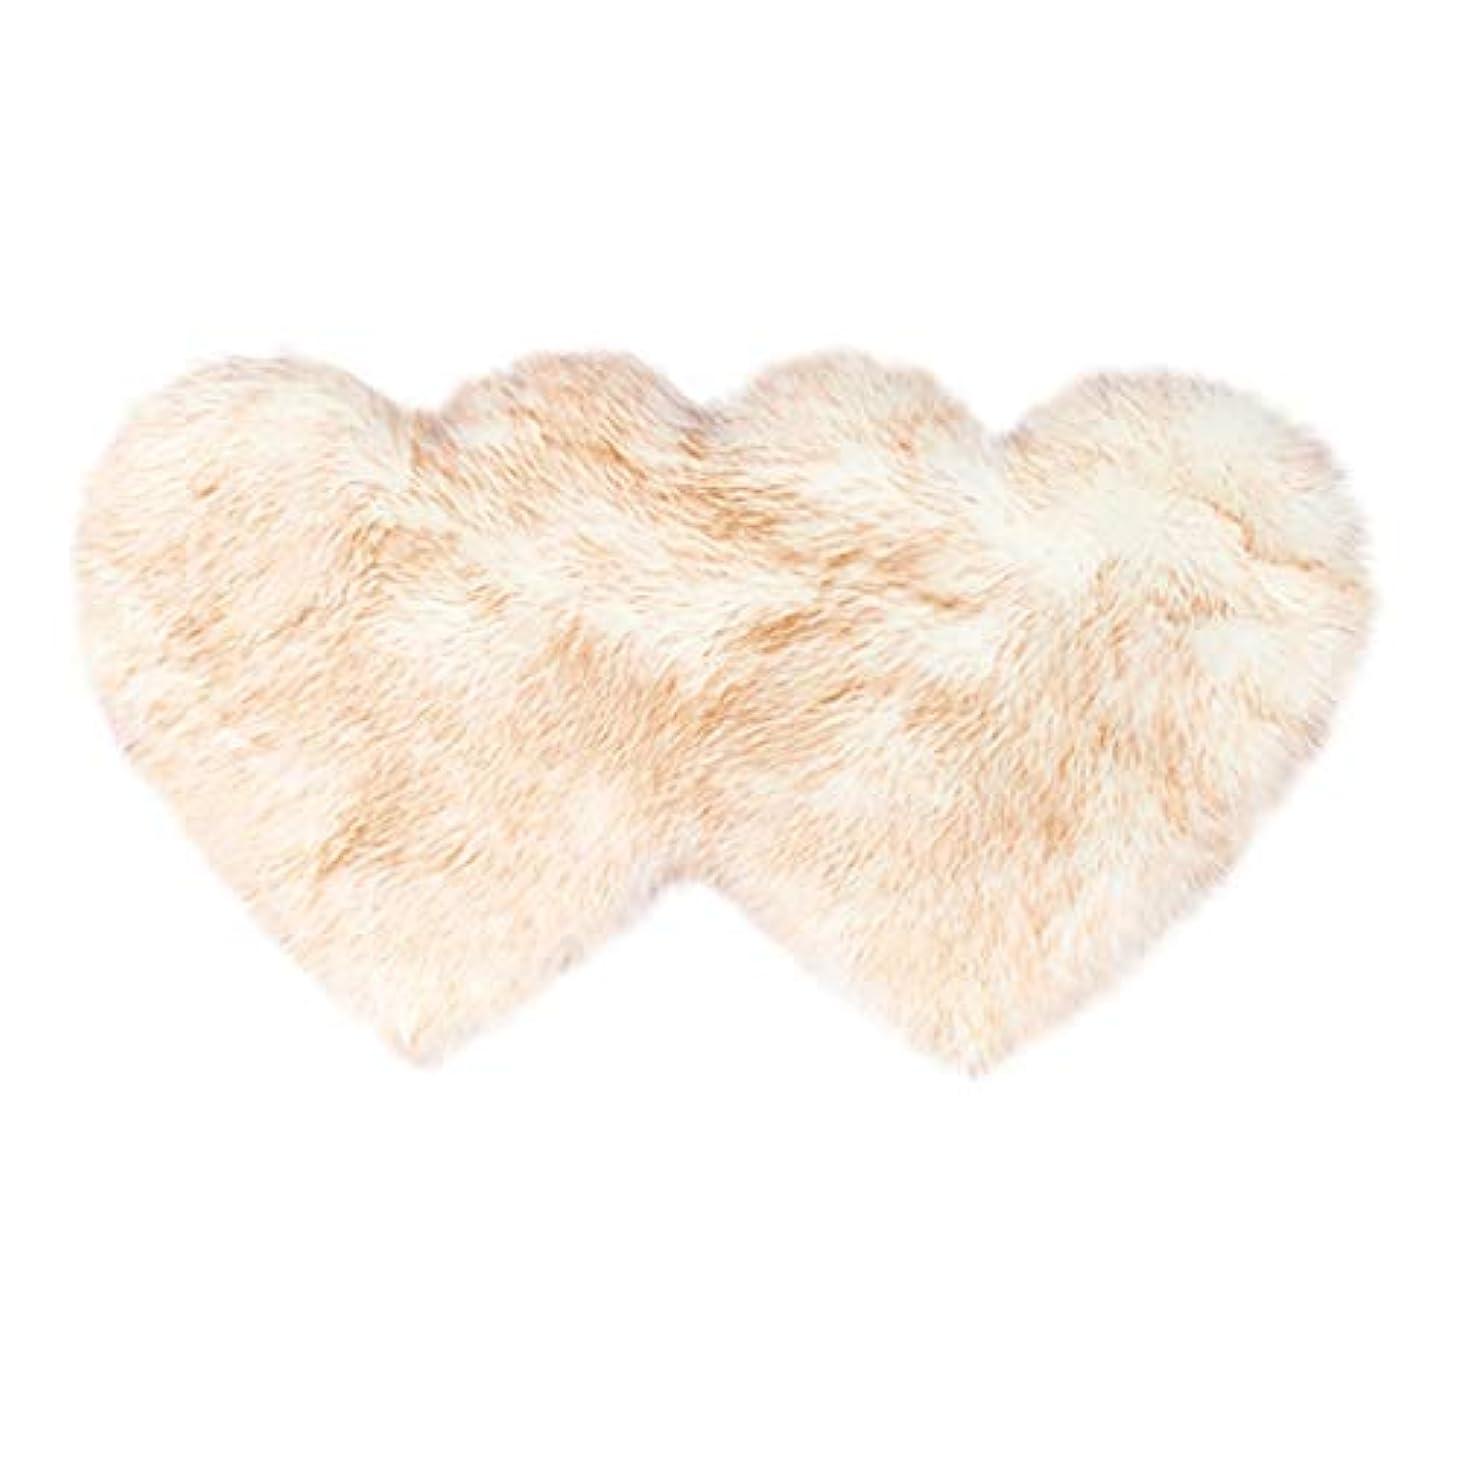 オーラル面積大邸宅愛の形の羊毛と羊の皮のじゅうたんと非滑り防止の寝室の毛茸のじゅうたんのマット